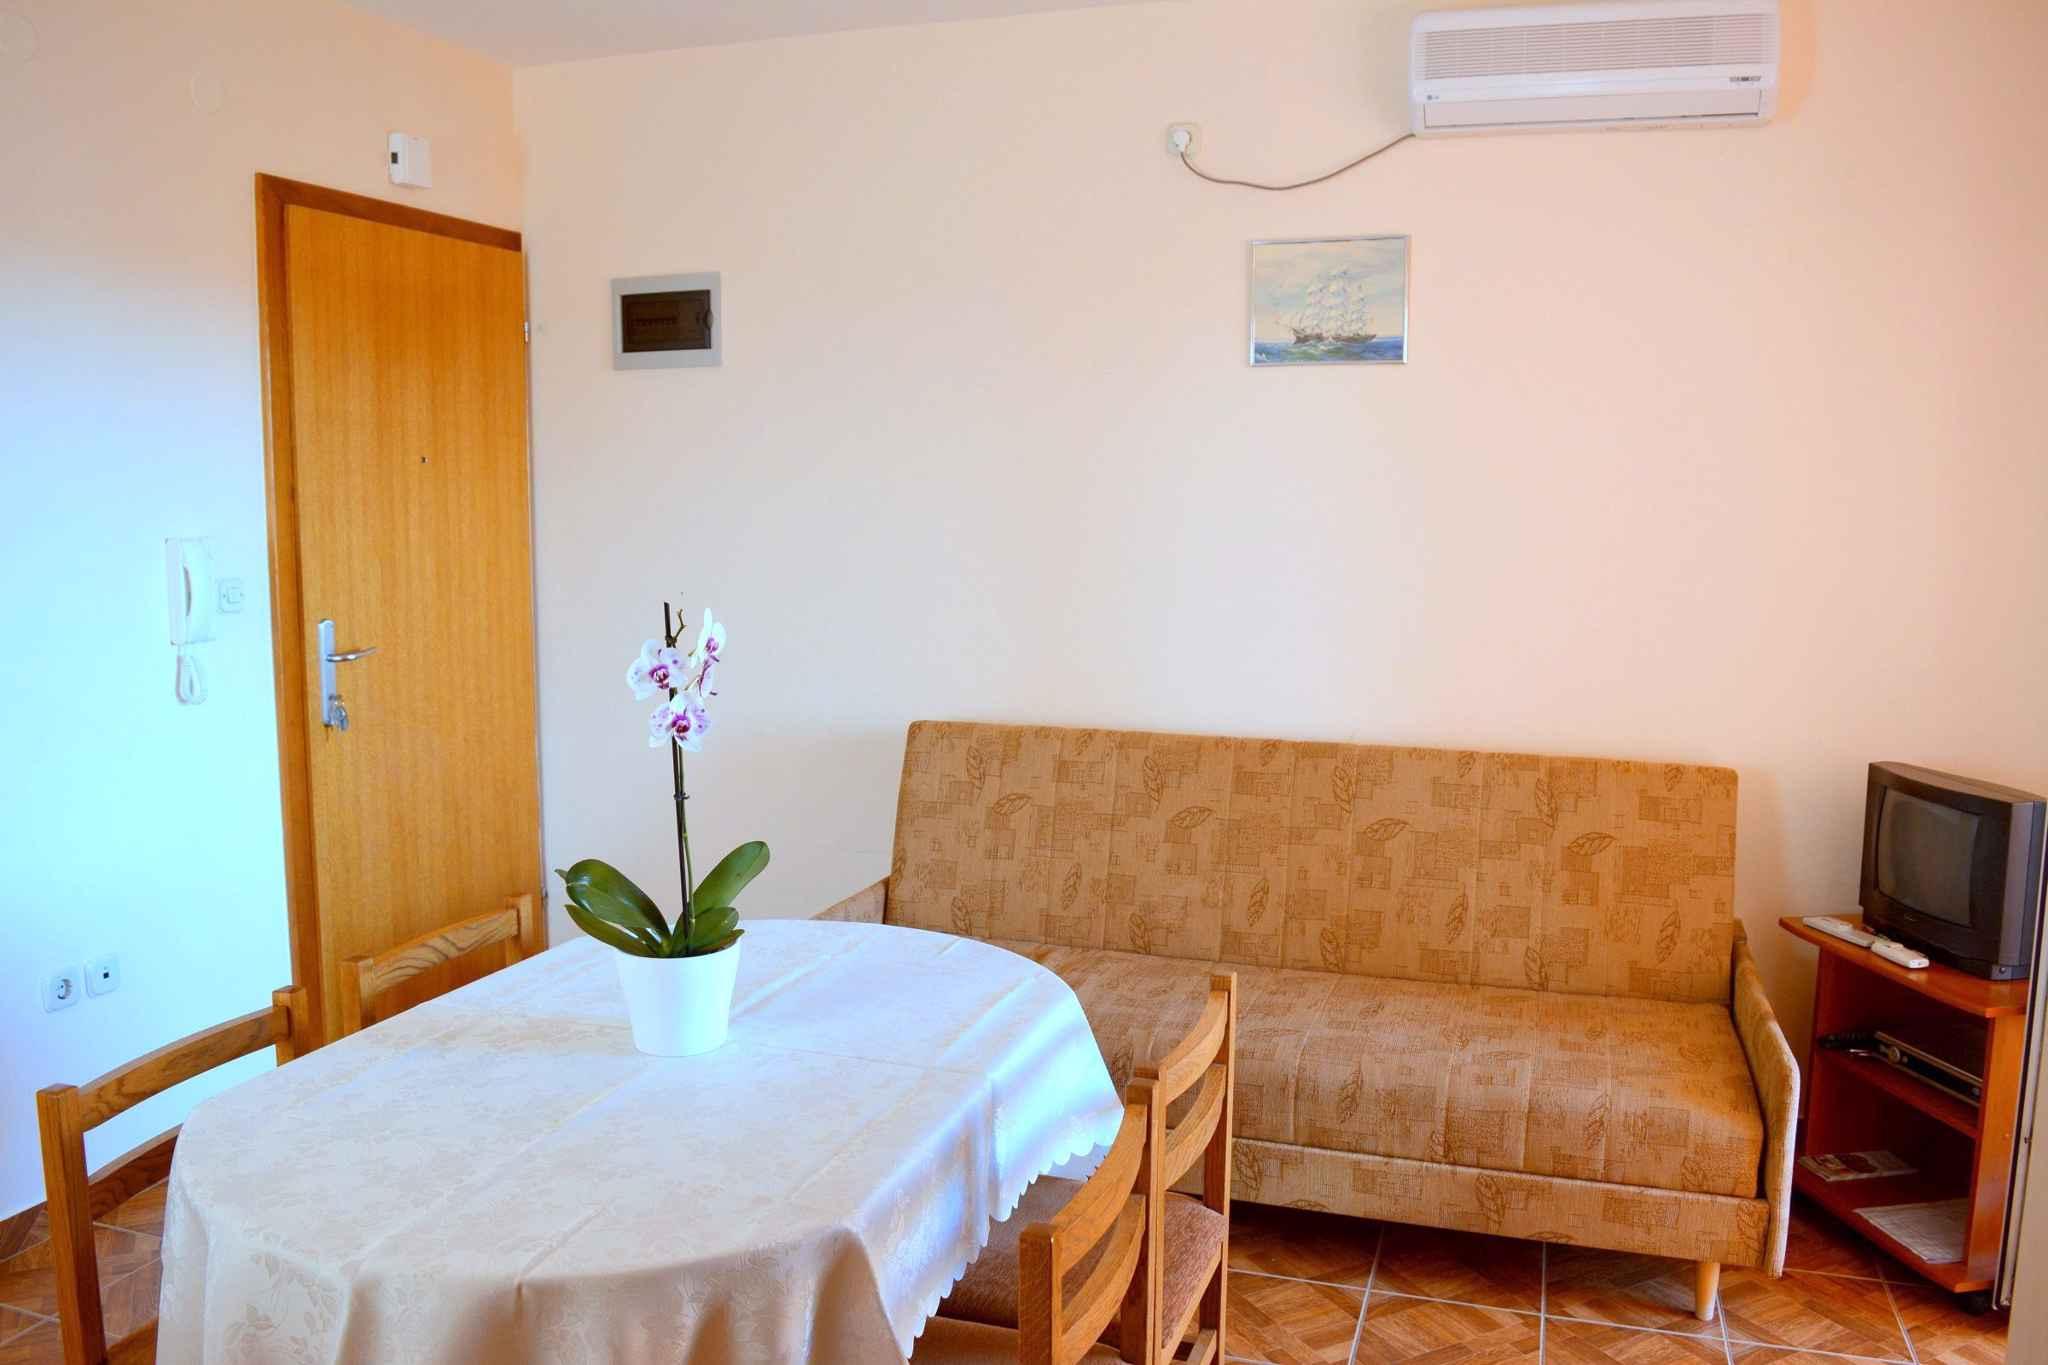 Ferienwohnung mit Internet in der Nähe der Adria (278861), Vodice, , Dalmatien, Kroatien, Bild 9